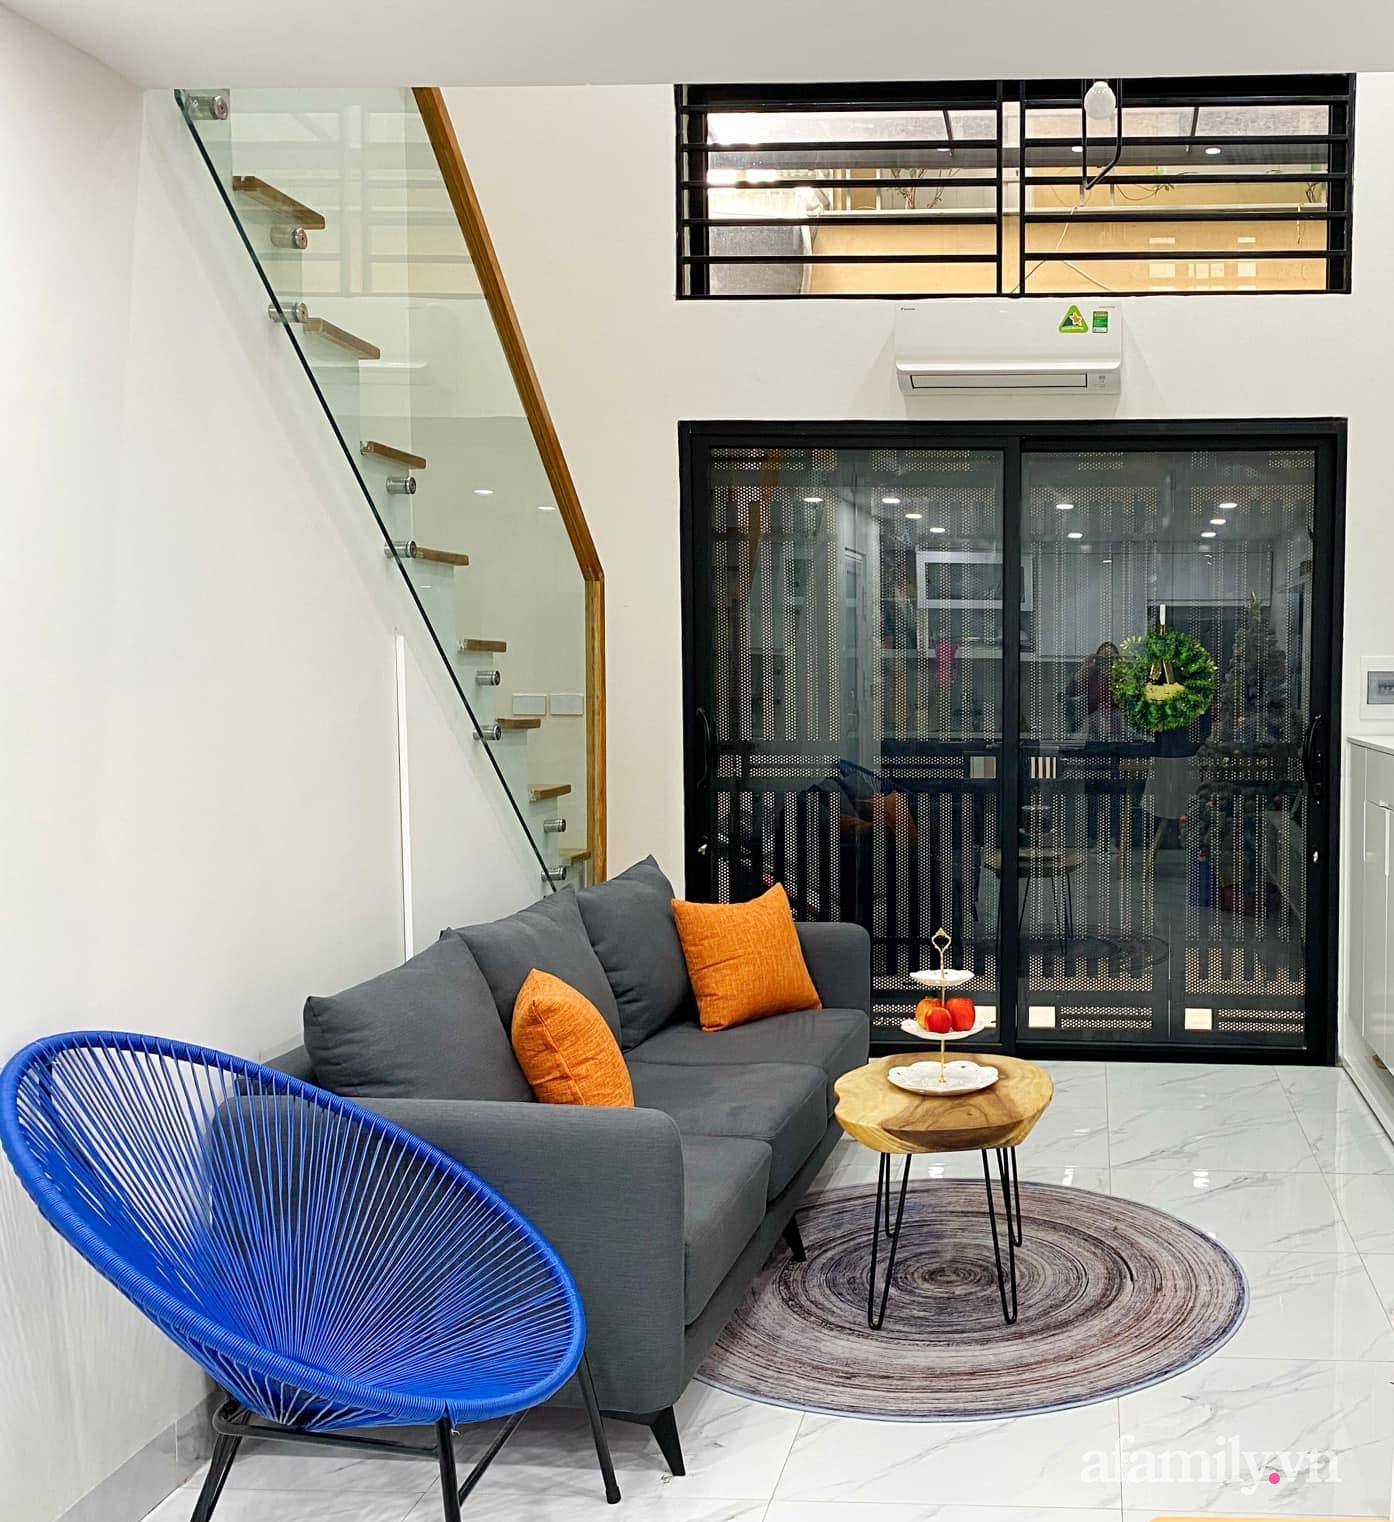 Nhà phố 32m² với 4 tầng rộng thoáng, góc nào cũng ngập ánh sáng ở ngõ nhỏ Thanh Xuân, Hà Nội - Ảnh 3.